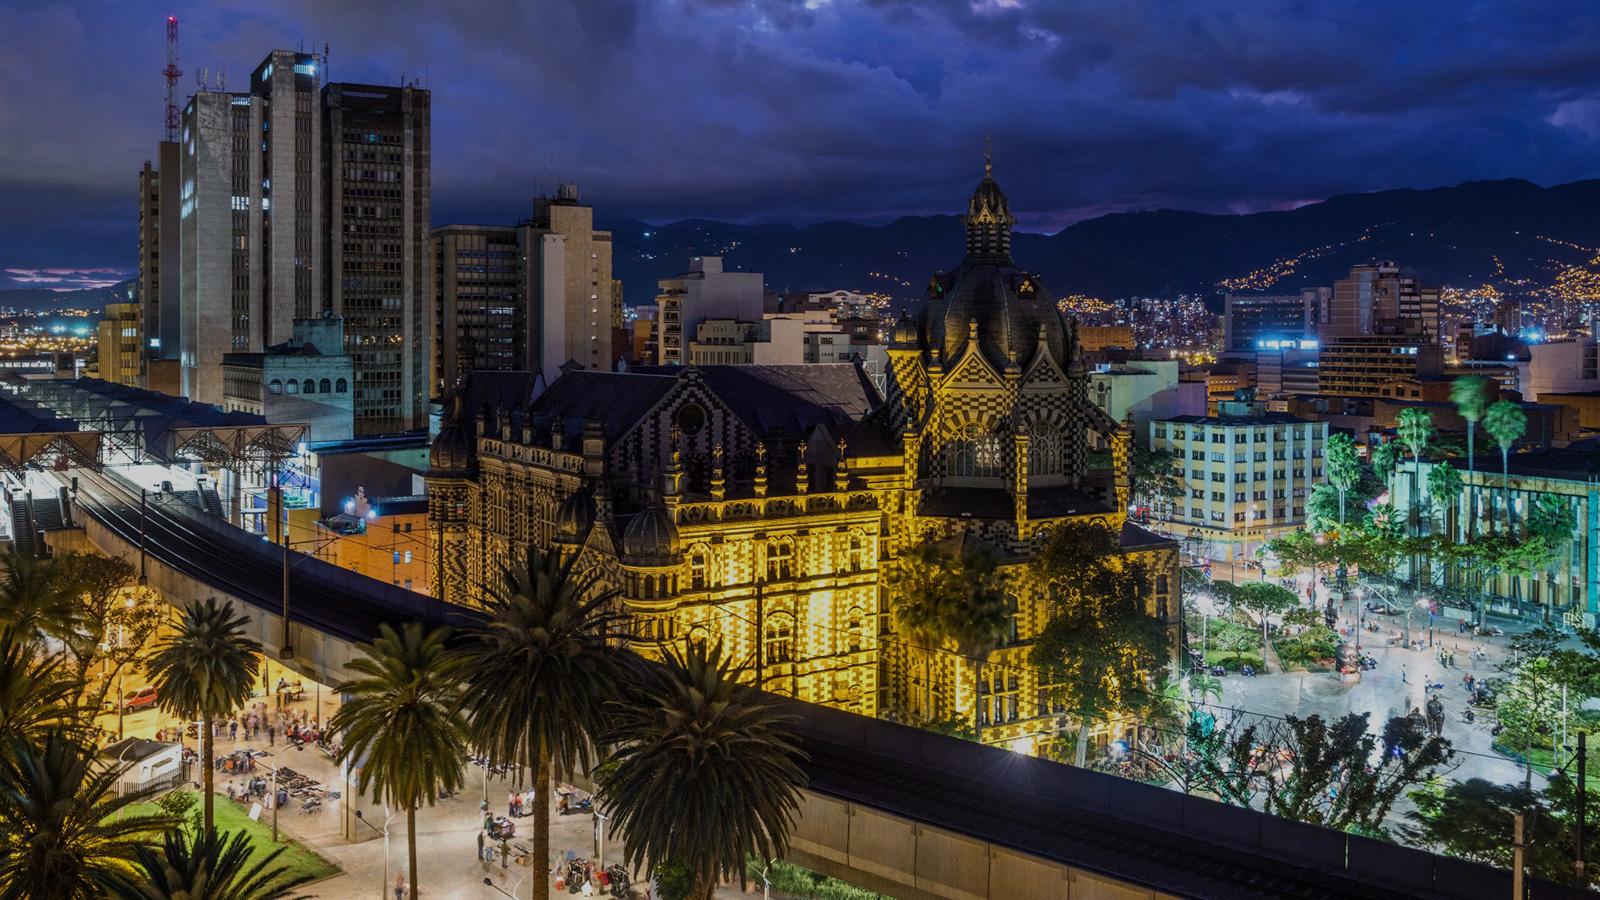 Comment Medellín est devenue une ville cool